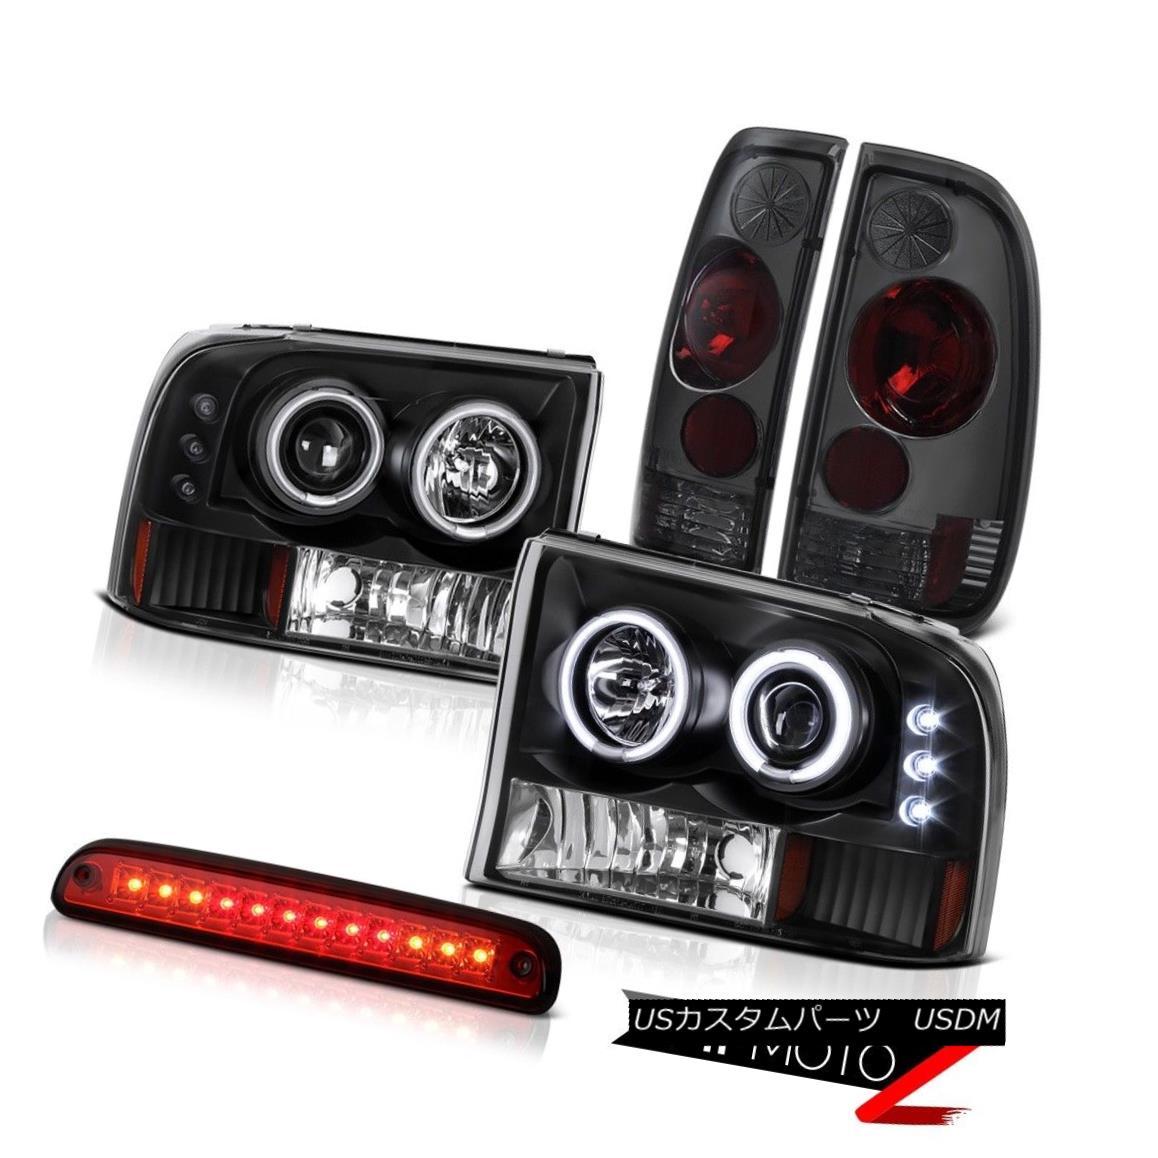 テールライト Black Halor Headlight High Brake Rear Signal TailLight 99-04 F350 Turbo Diesel ブラックハローヘッドライトハイブレーキリアシグナルテールライト99-04 F350ターボディーゼル